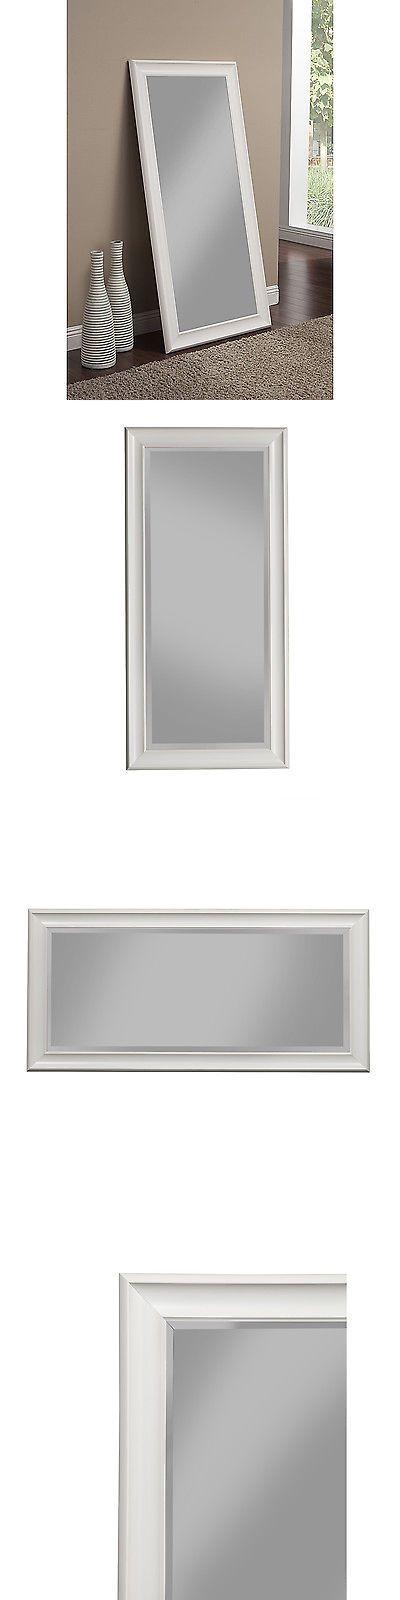 Mirrors 20580: Full Length Mirror Leaning Or Hanging Floor Dressing Leaner Modern White Frame -> BUY IT NOW ONLY: $171.15 on eBay!